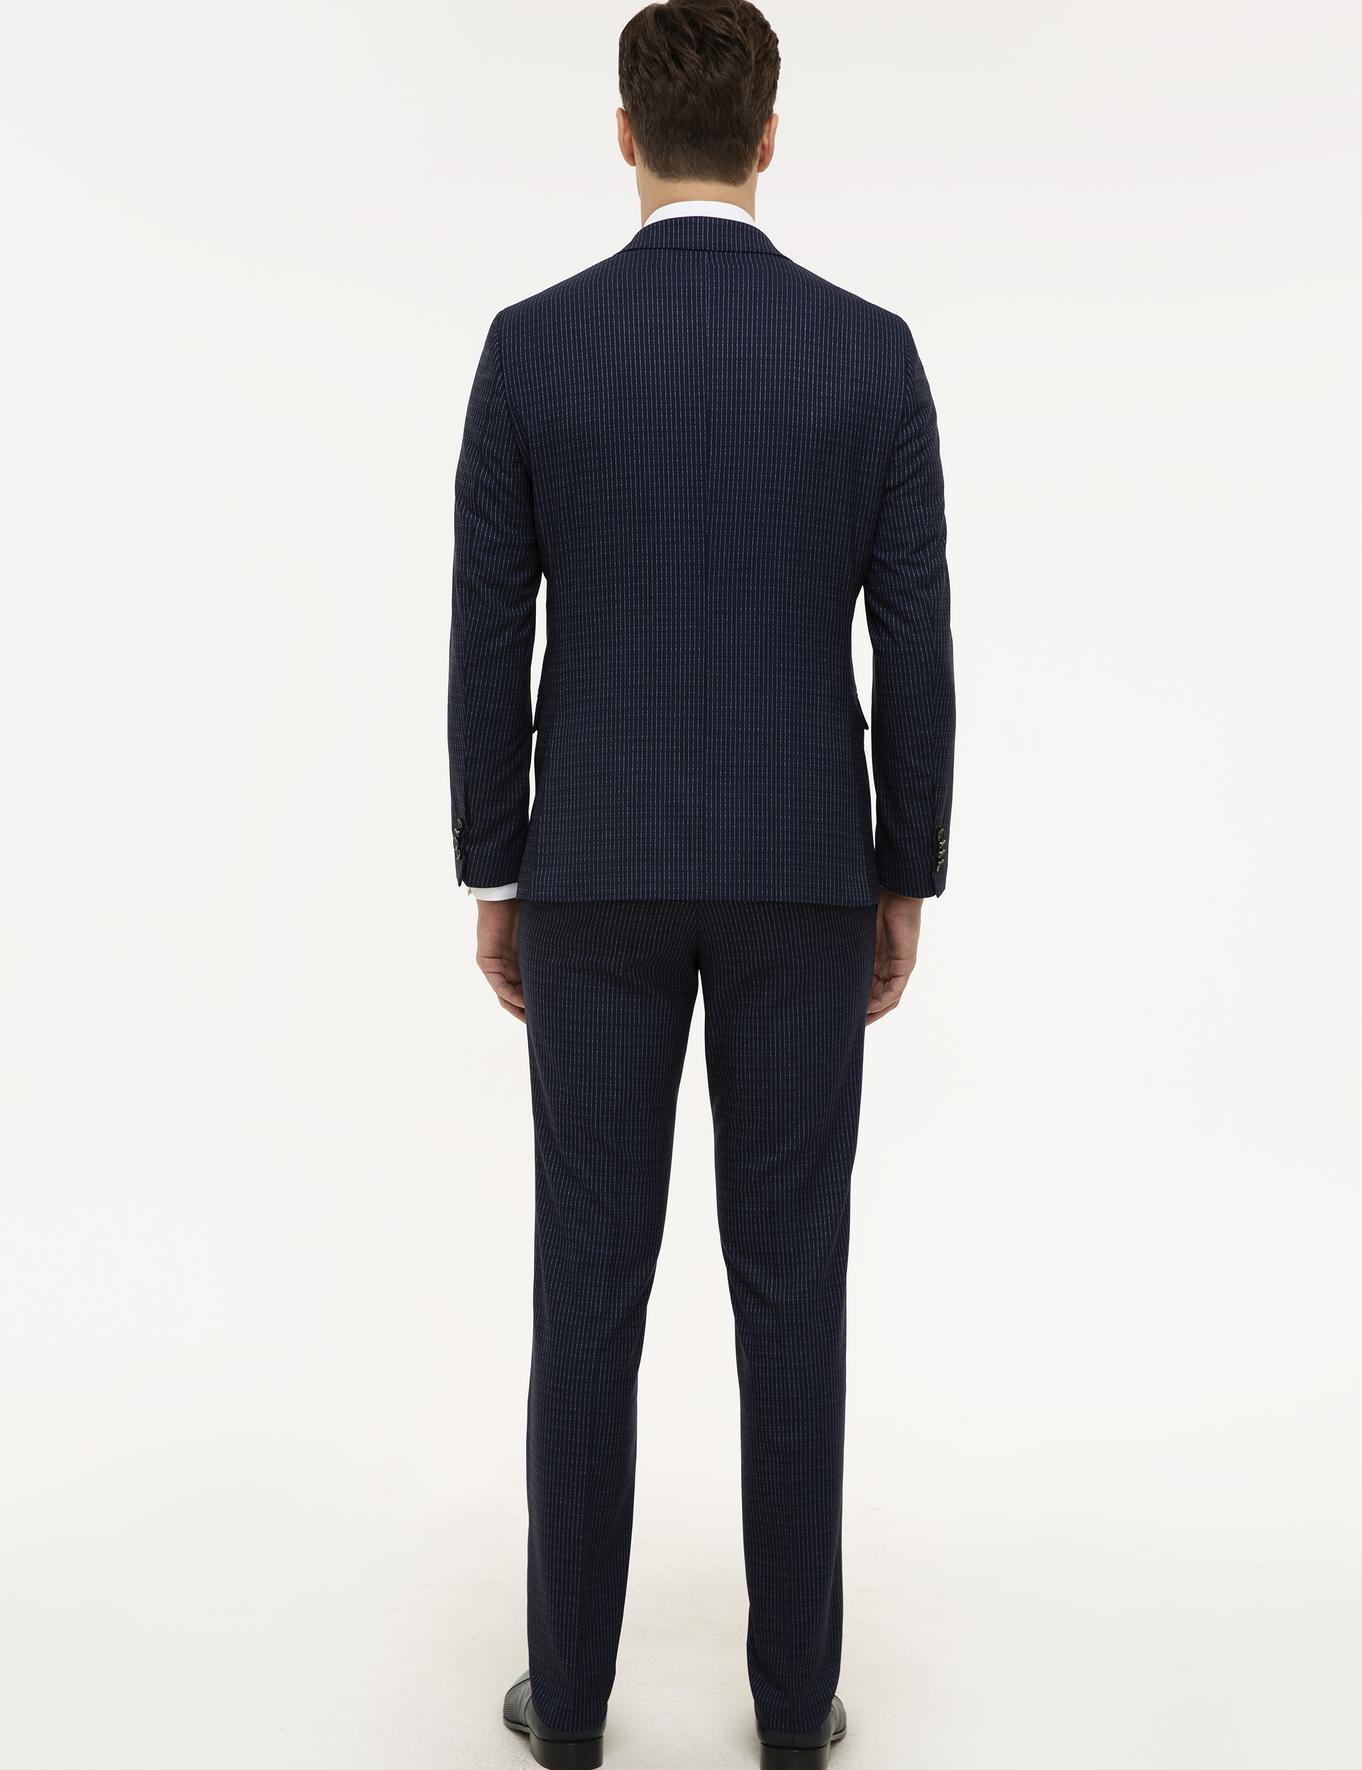 Lacivert Slim Fit Takım Elbise - 50225631008